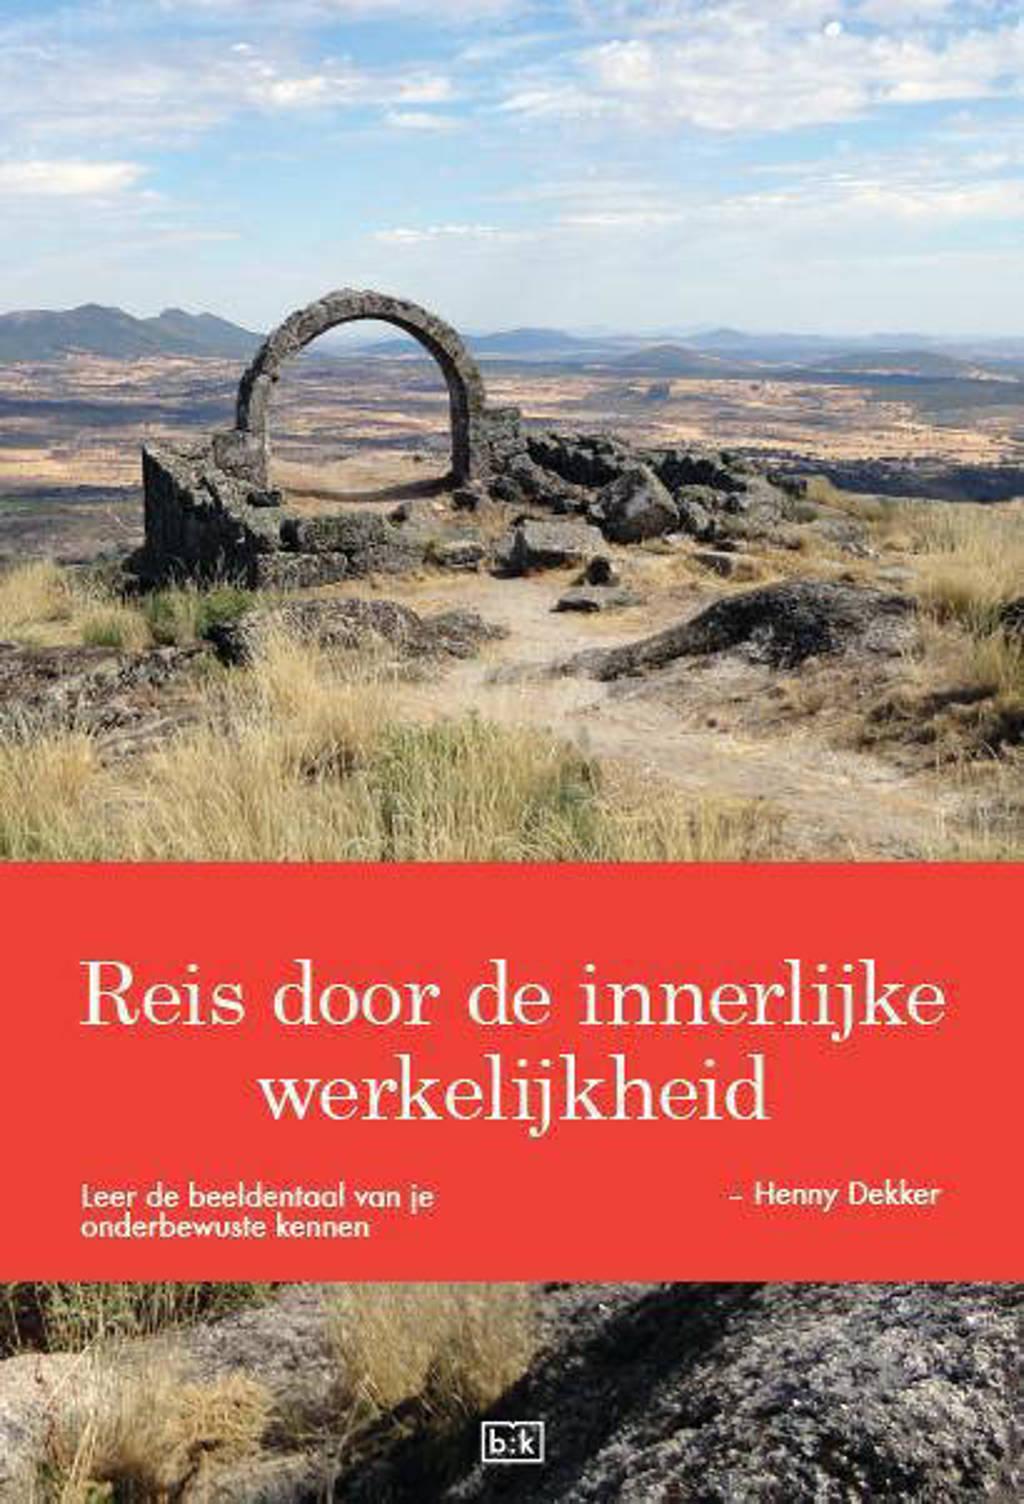 Reis door de innerlijke werkelijkheid - Henny Dekker